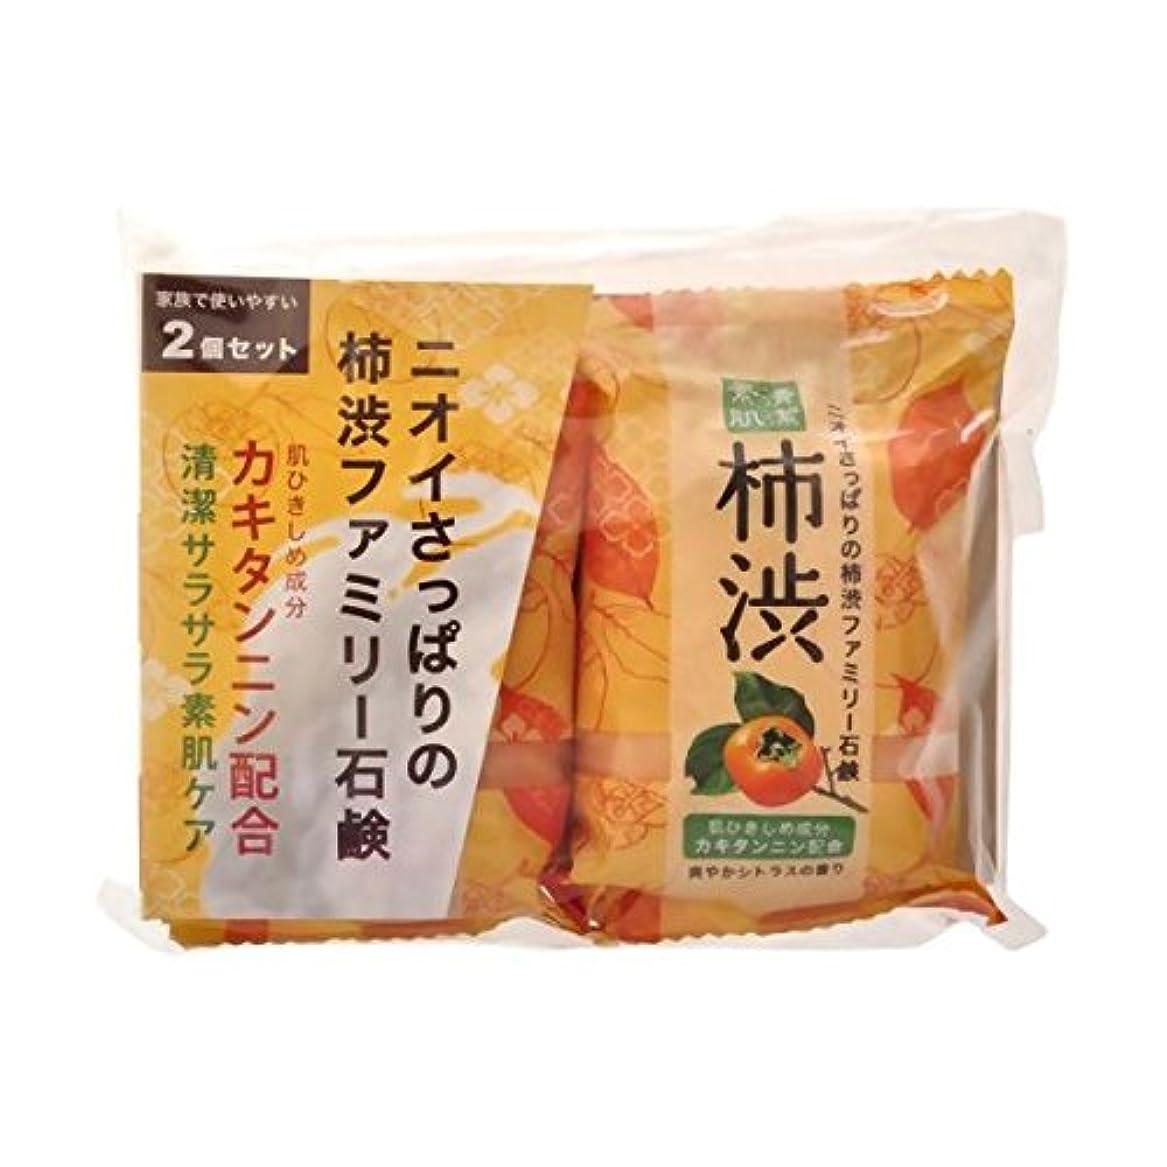 化合物振幅遠洋の【お徳用 6 セット】 ペリカン 柿渋ファミリー石鹸 80g×2個×6セット